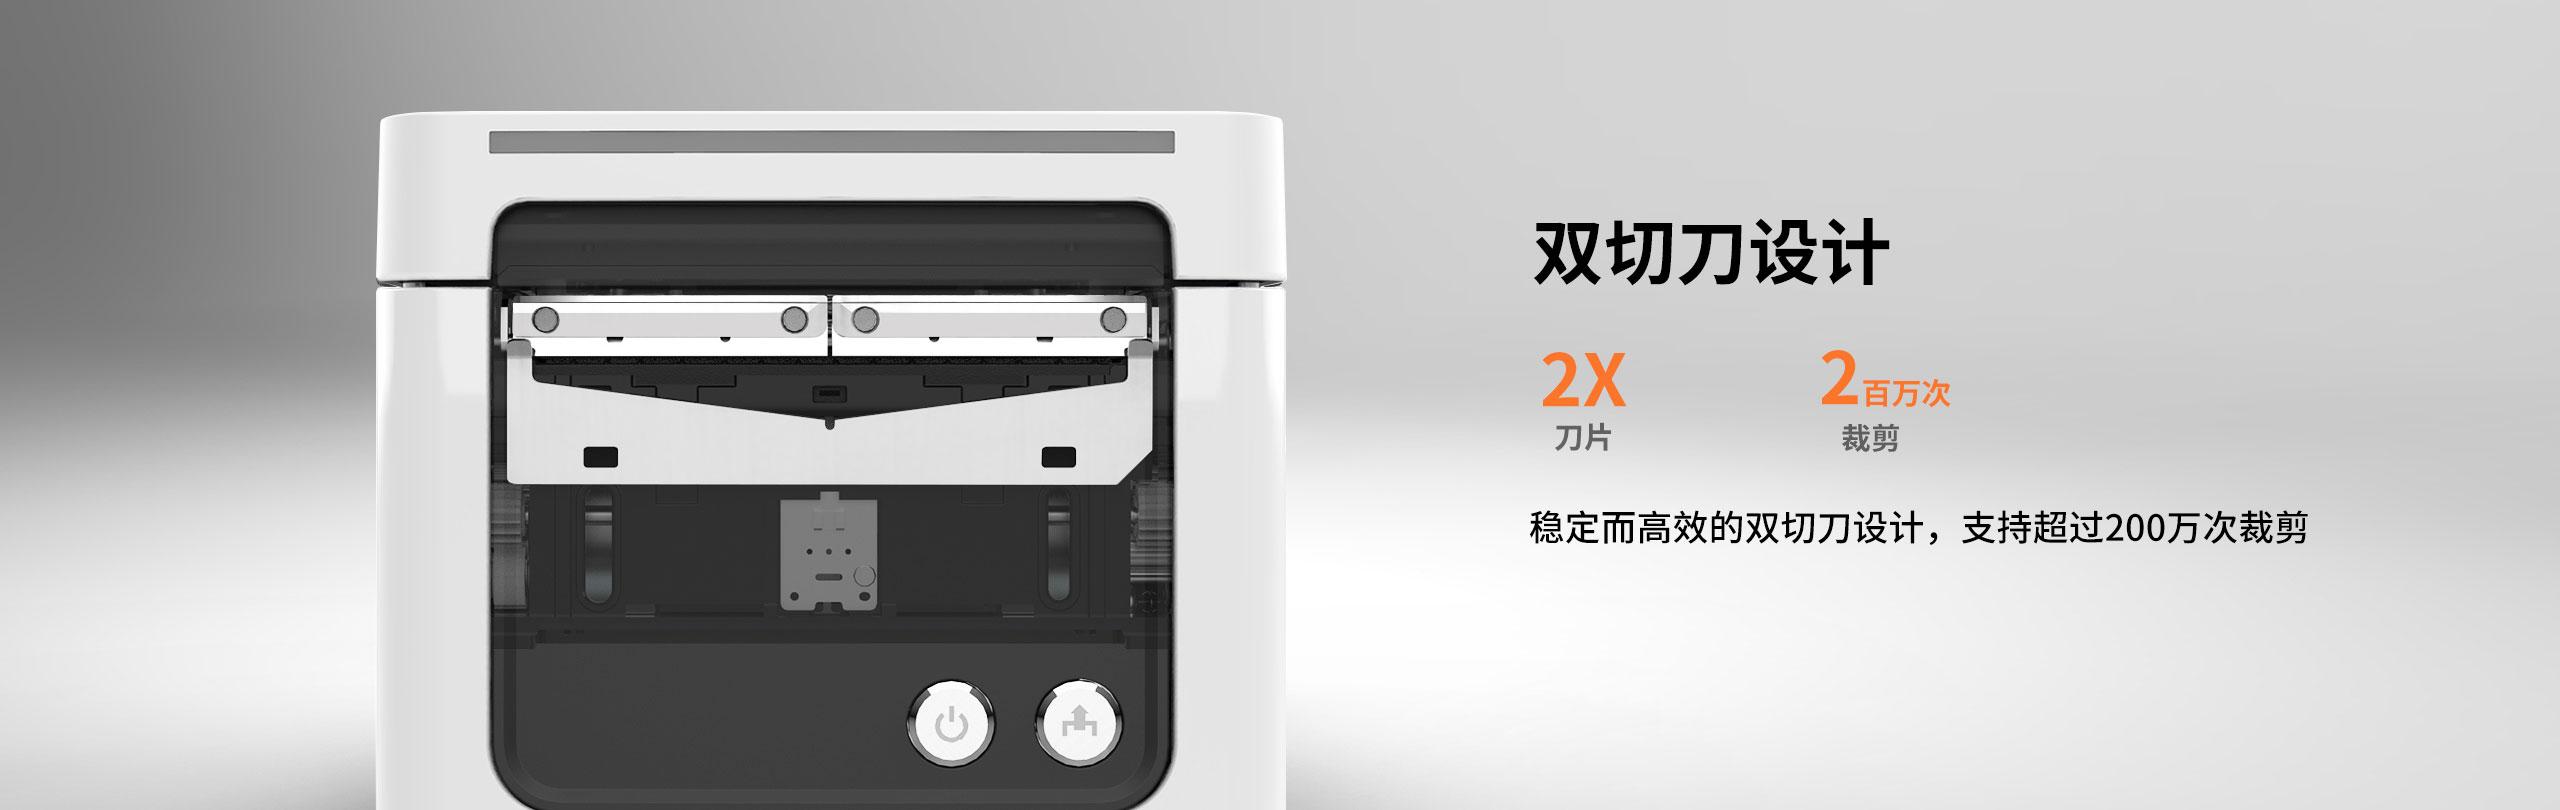 TP809热敏票据打印机,黑白两色可选  第15张